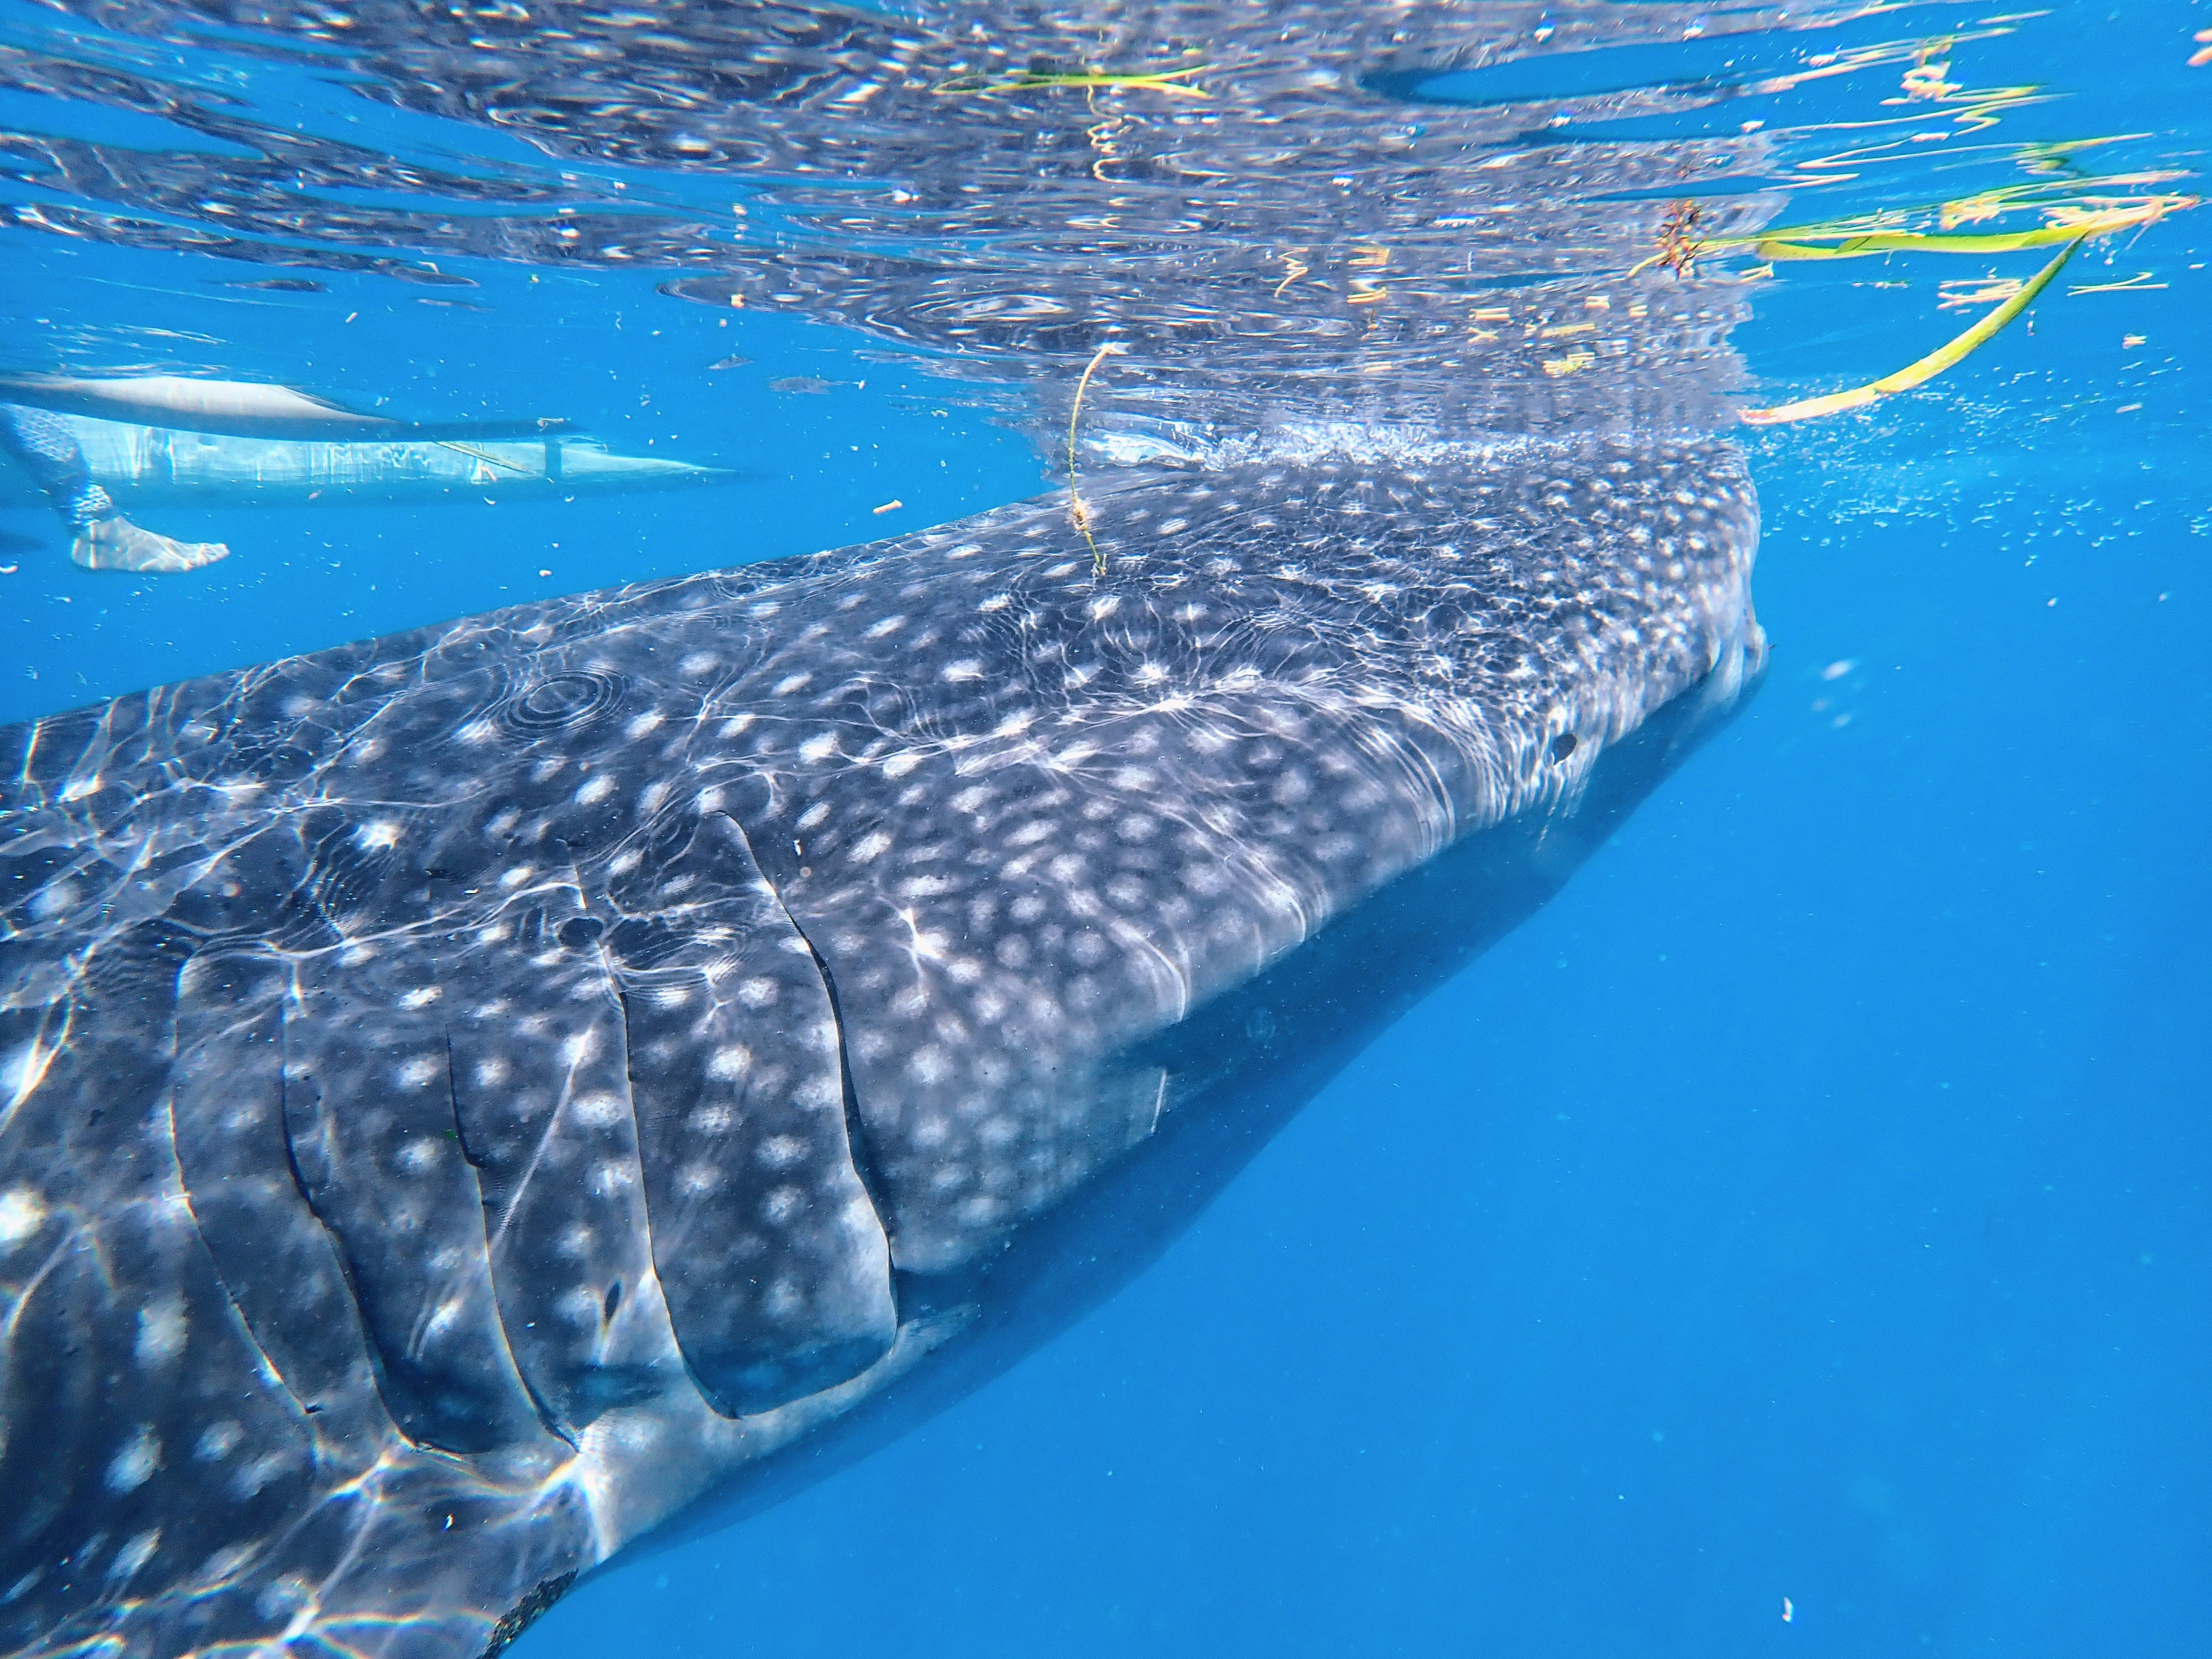 커다란 고래상어의 옆모습과 아가미